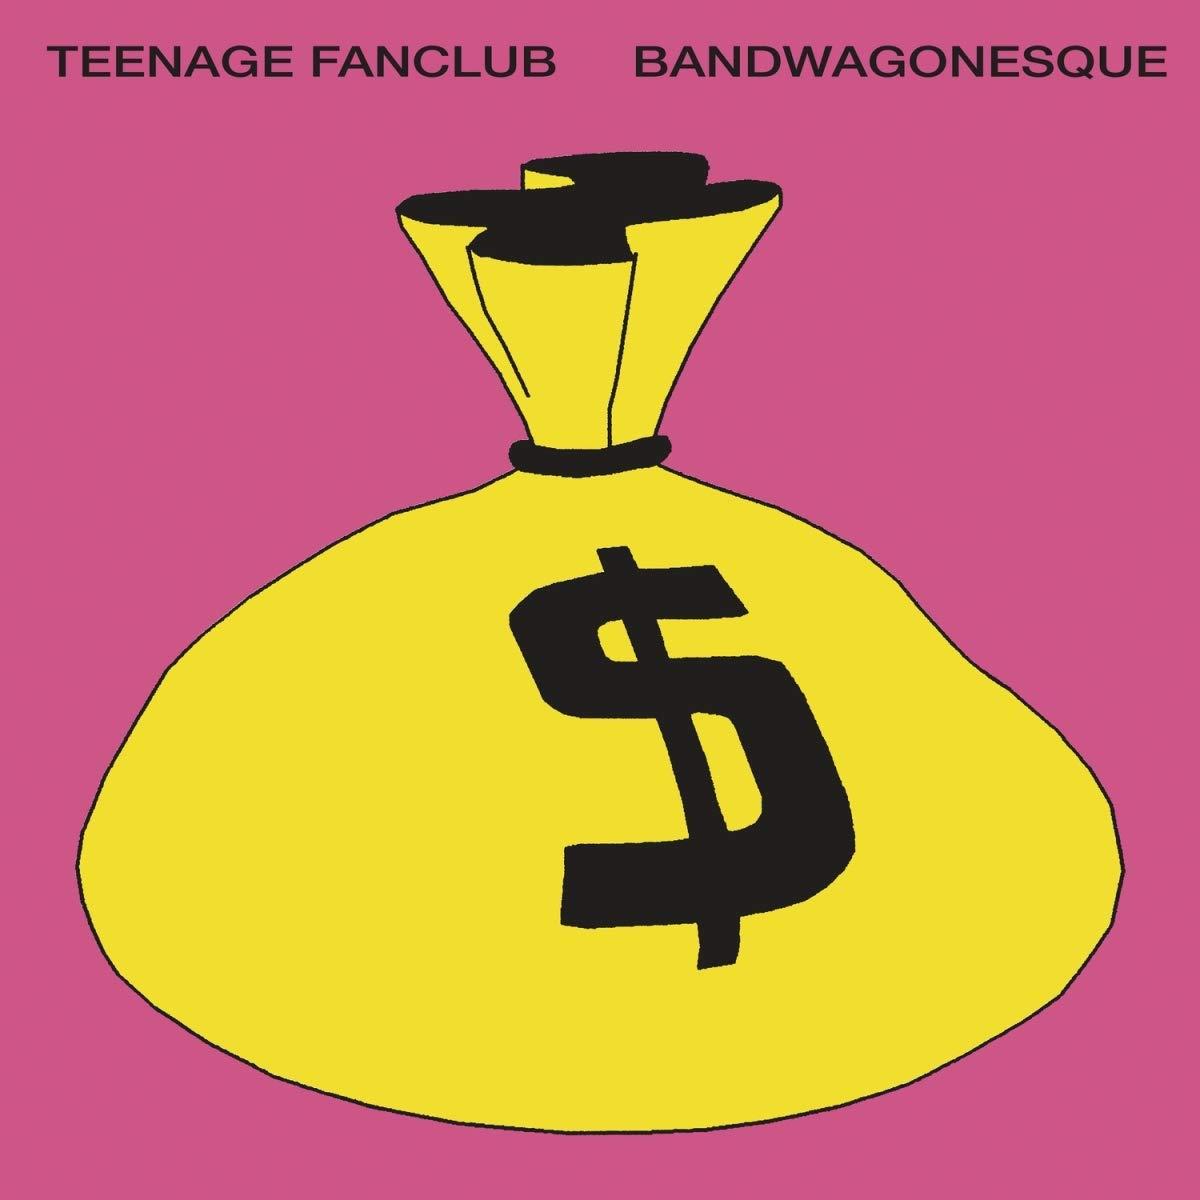 Vinilo : Teenage Fanclub - Bandwagonesque (Remastered, United Kingdom - Import)